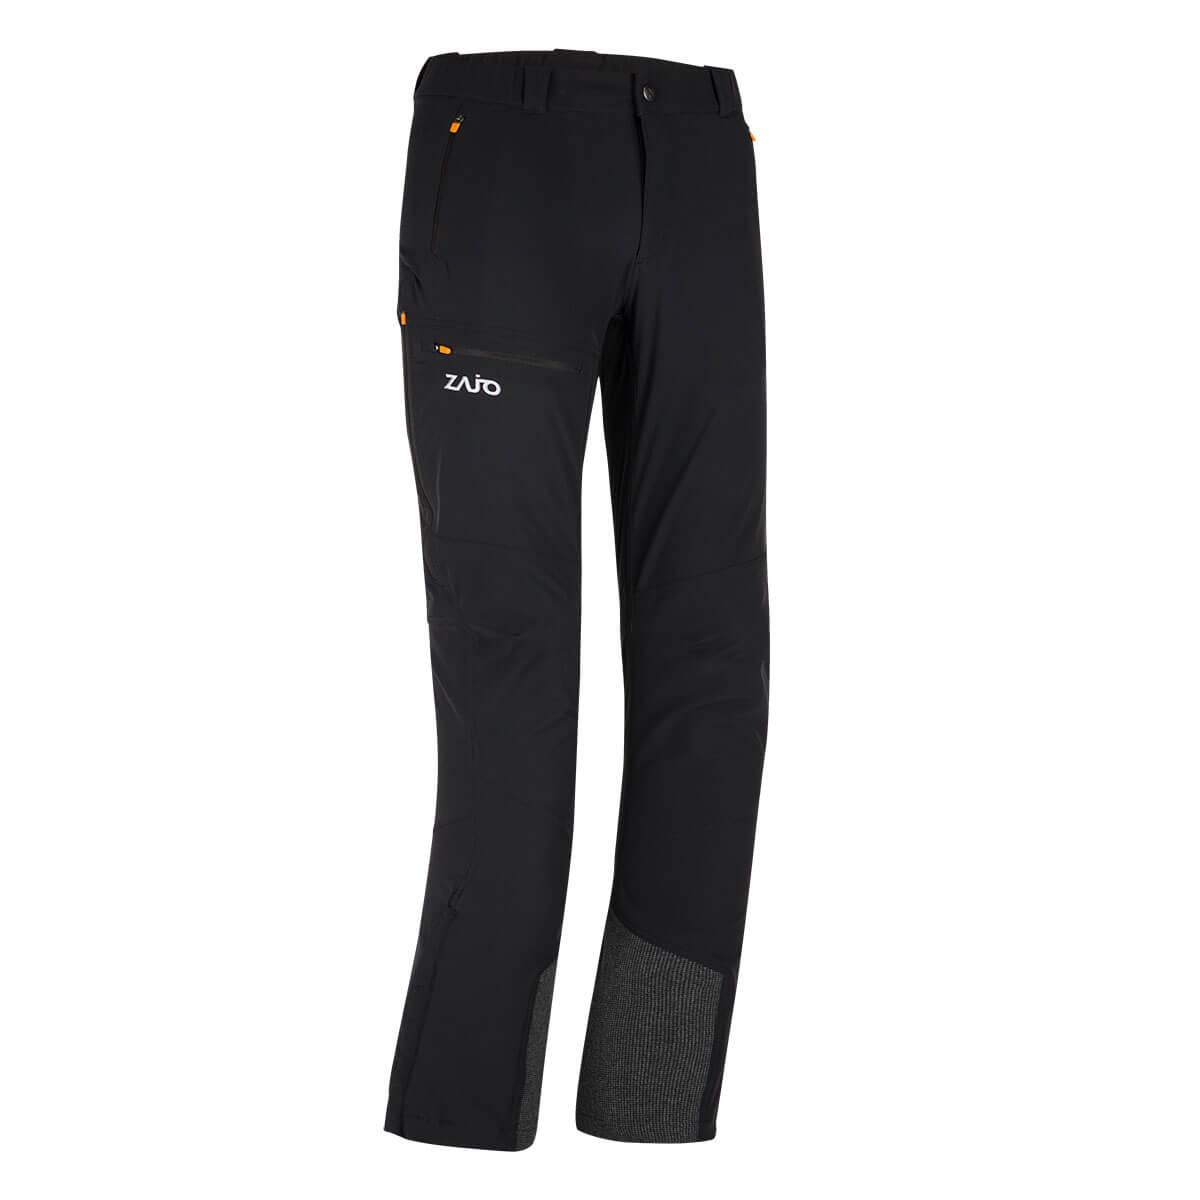 Nohavice Zajo Argon LT Neo Pants Black - veľkosť S